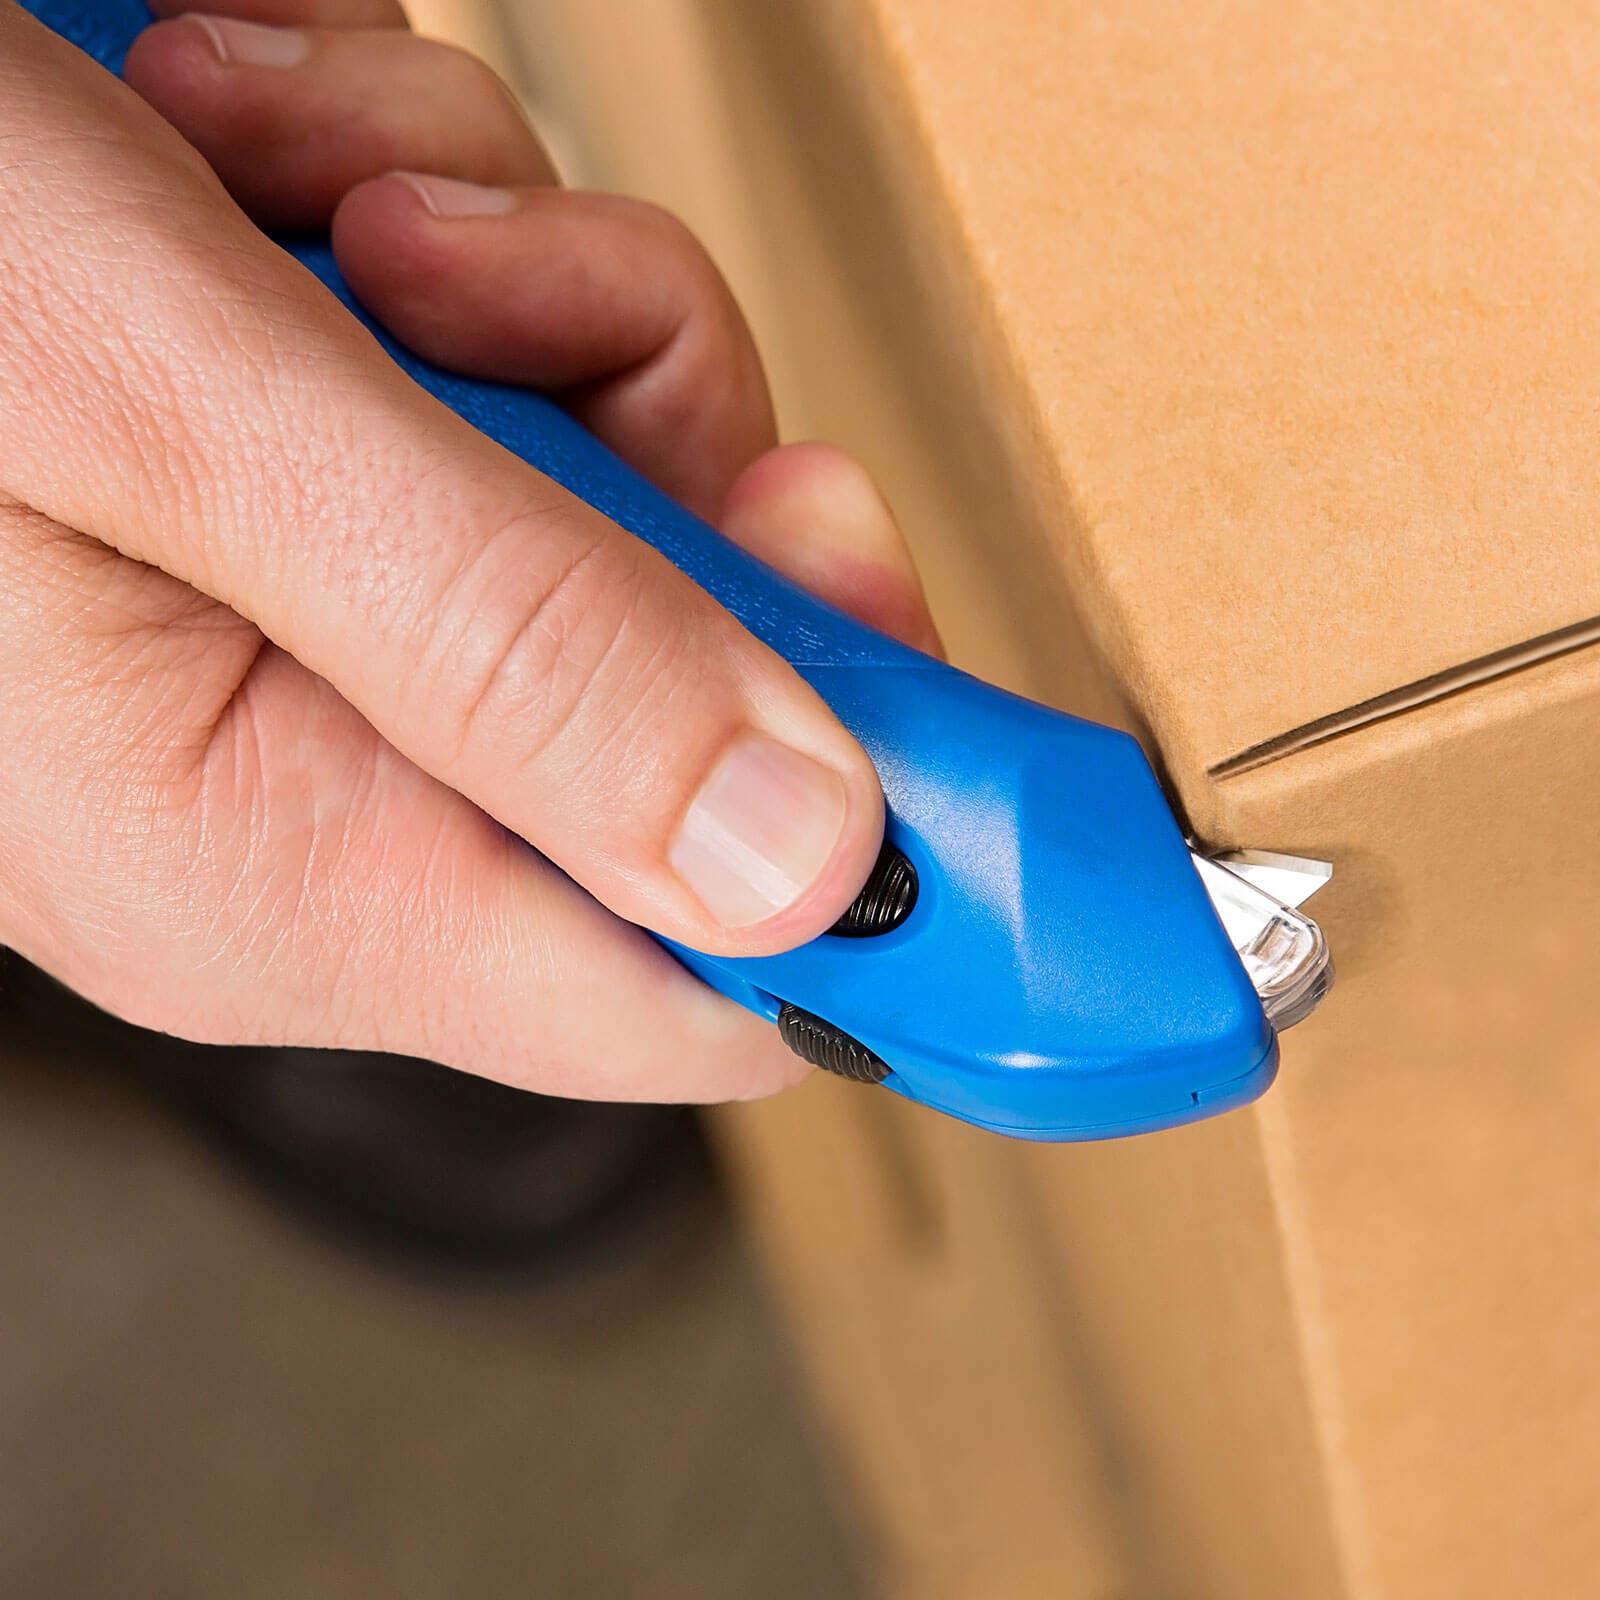 U031-Sicherheitsmesser-extra-sicher-Basic-Hood-einweg-PHC-RSC-432-Blau-abdeckeln-Ansatz-CURT-tools_1600